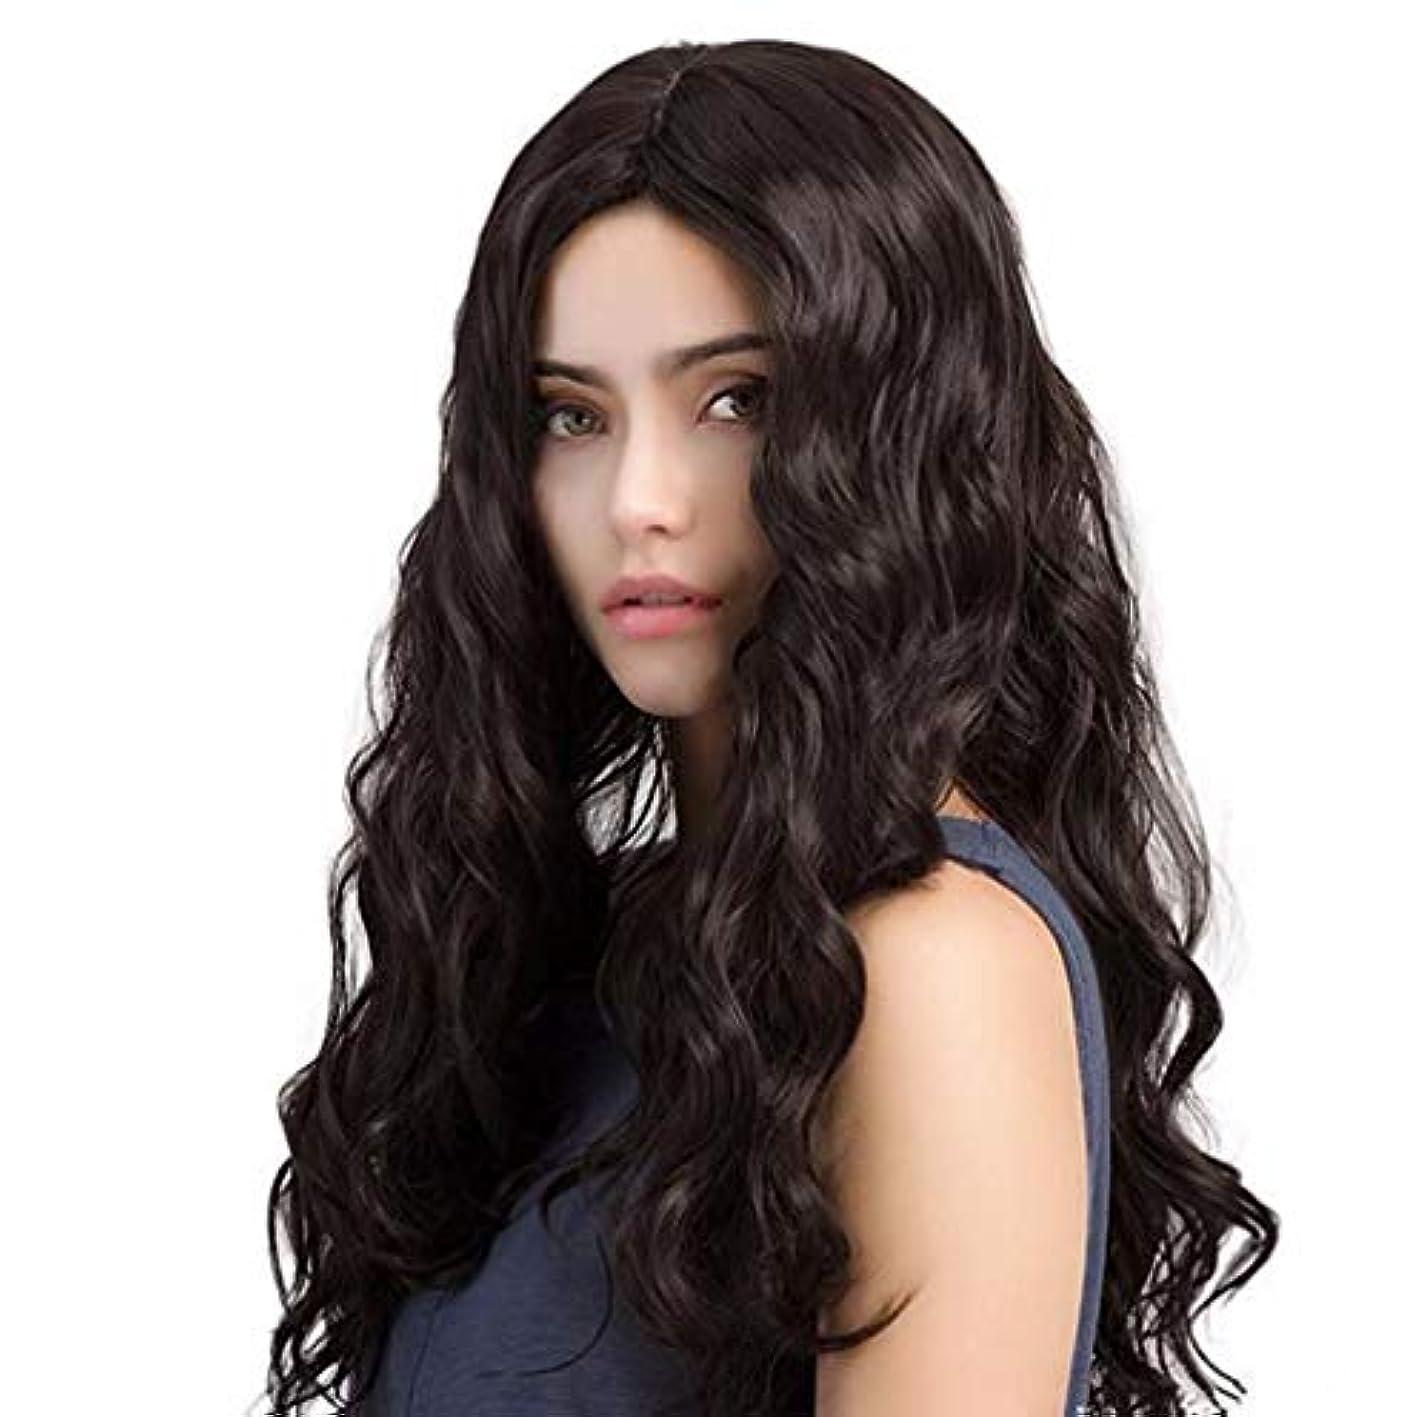 それる左束ねる女性ウィッグ人毛合成ロングウェーブウィッグ合成耐熱性安いミドルパートウィッグブラック150%高密度